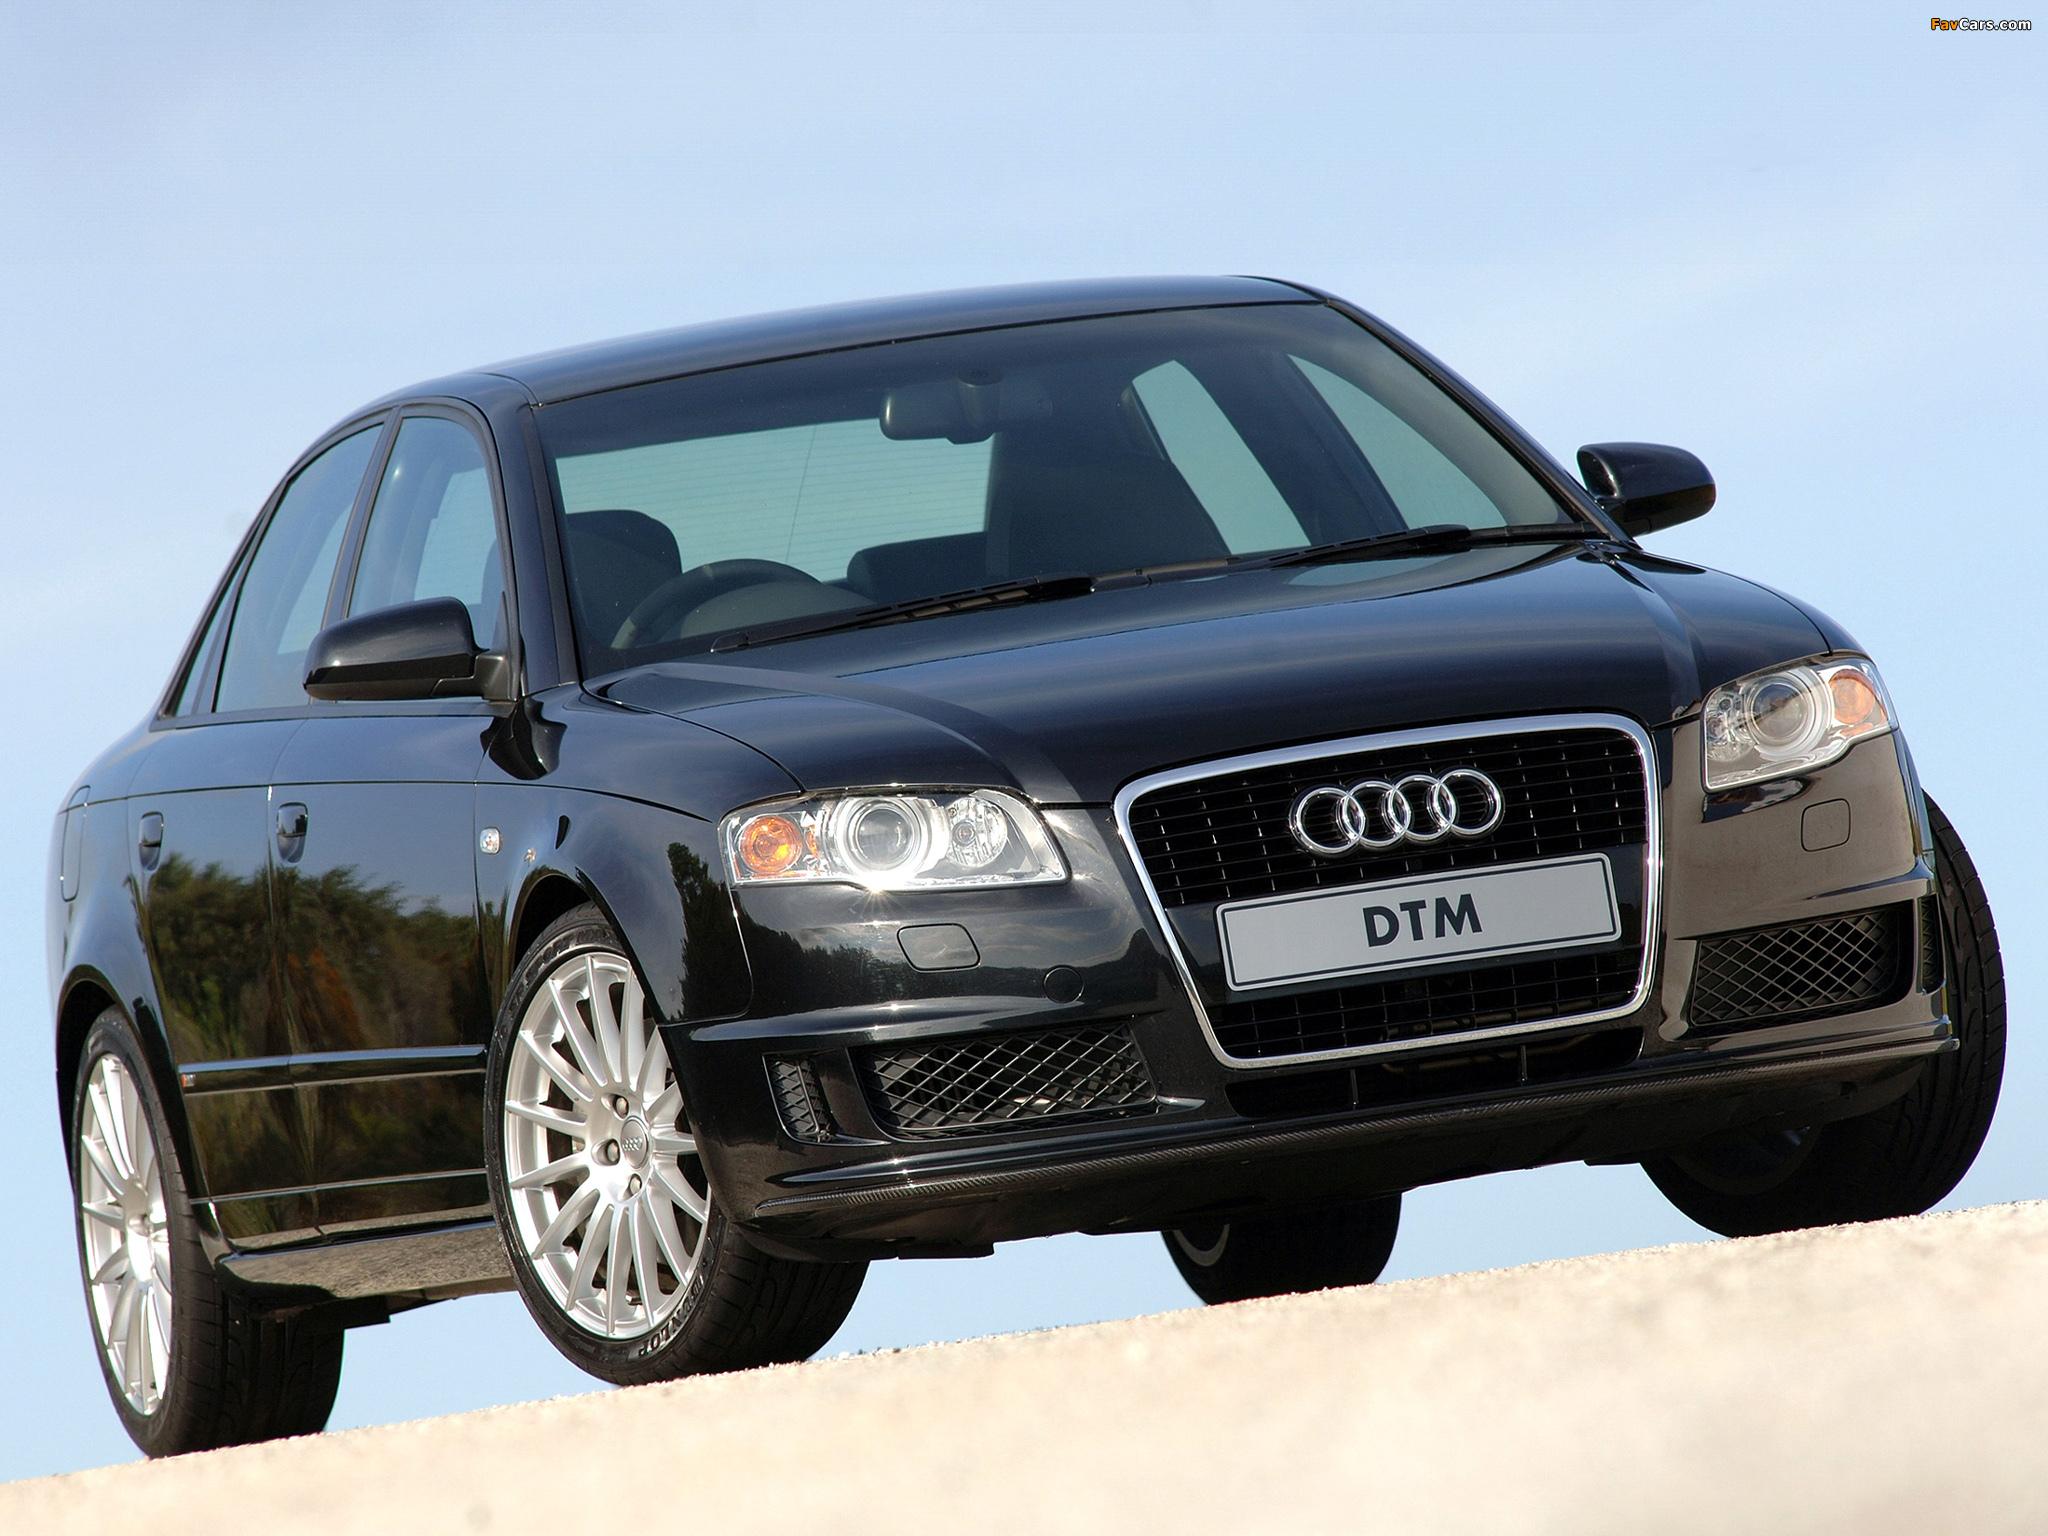 Audi A4 Dtm Edition Za Spec B7 8e 2005 2007 Images